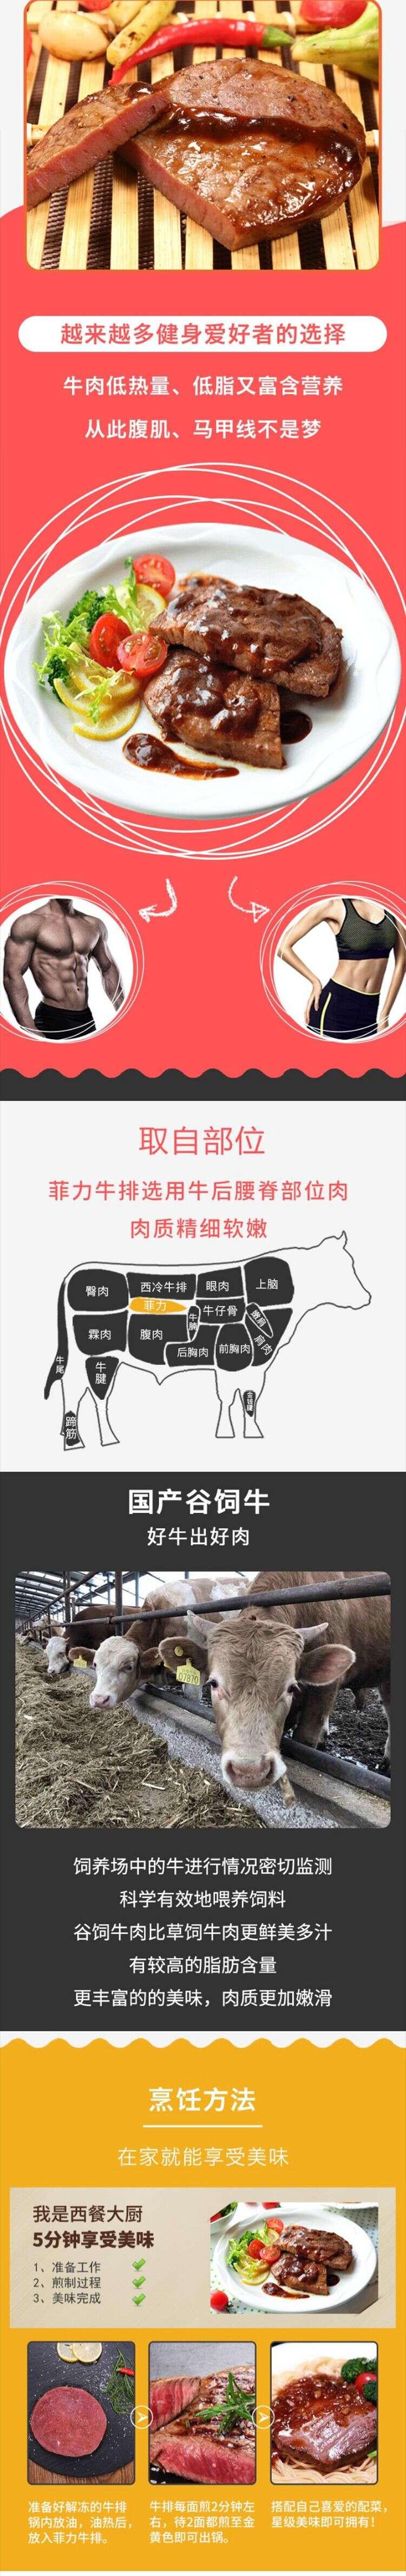 恒都 國產菲力牛排100gx10袋_2_1.JPG